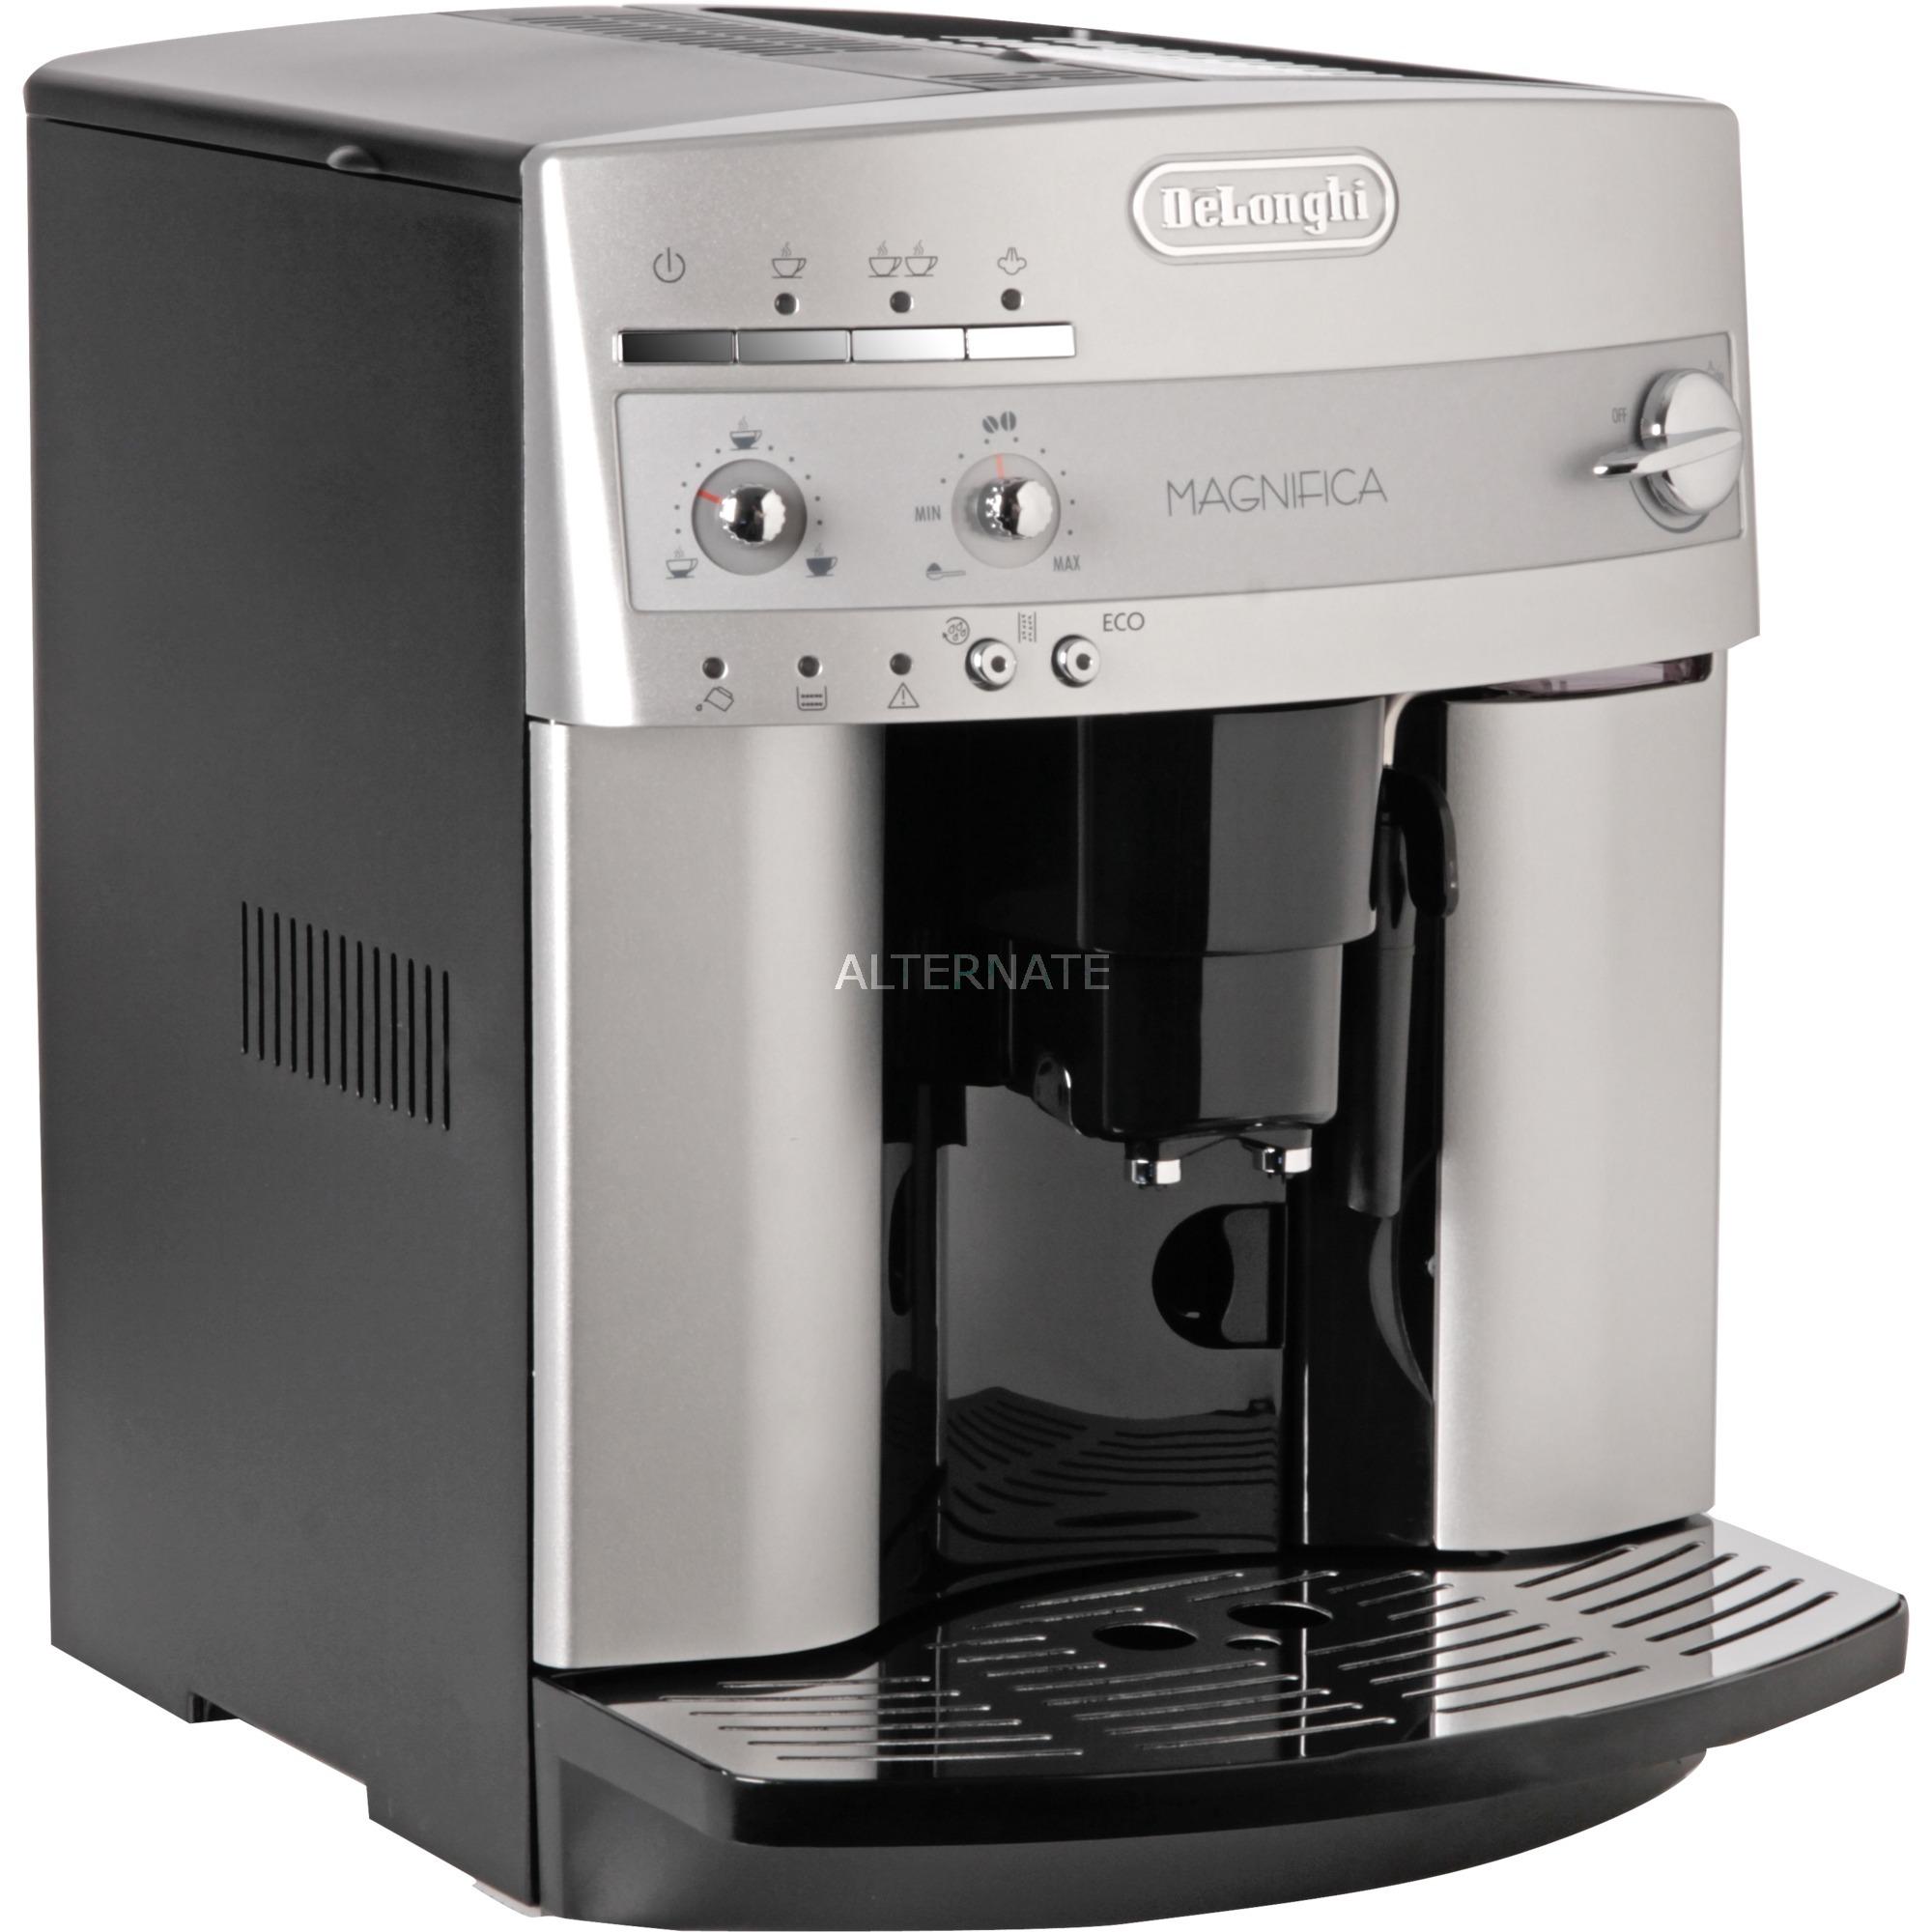 ESAM 3200.S Independiente Totalmente automática Máquina espresso 1.8L 14tazas Plata, Superautomática